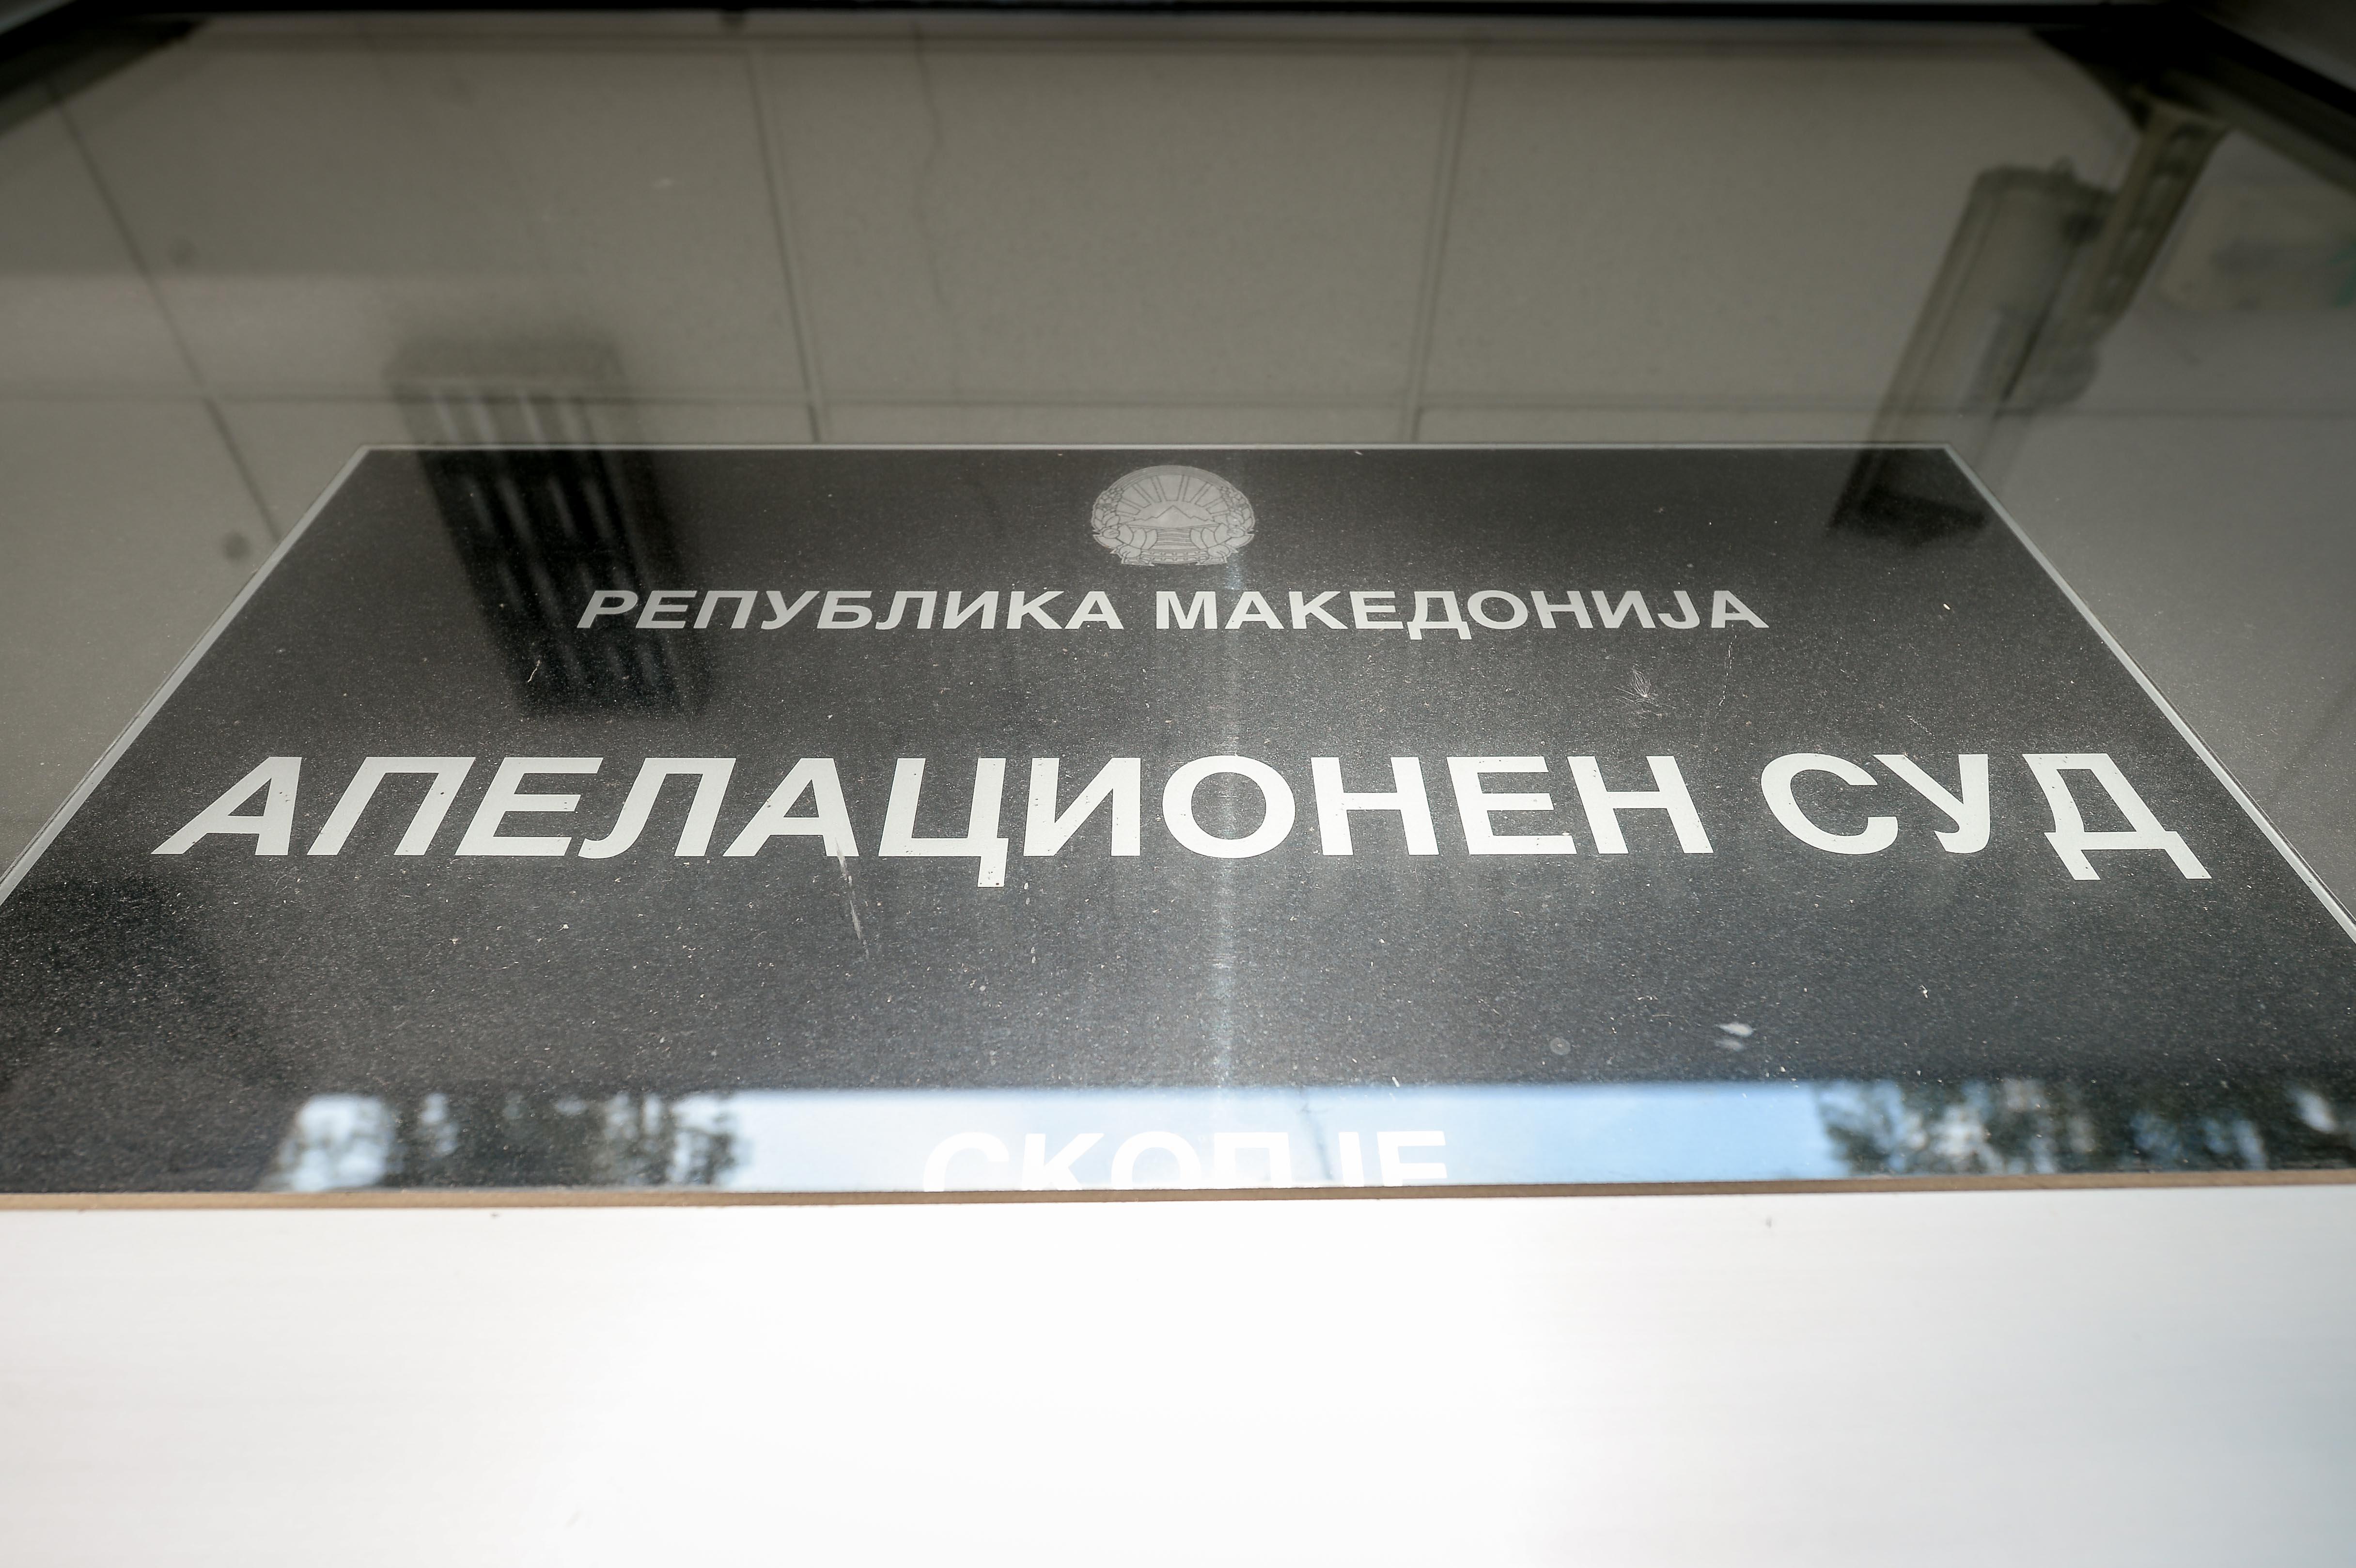 Рускоска испратила смс до член на советот: Од гаќи ќе ве истресам цел совет со финансиска истрага